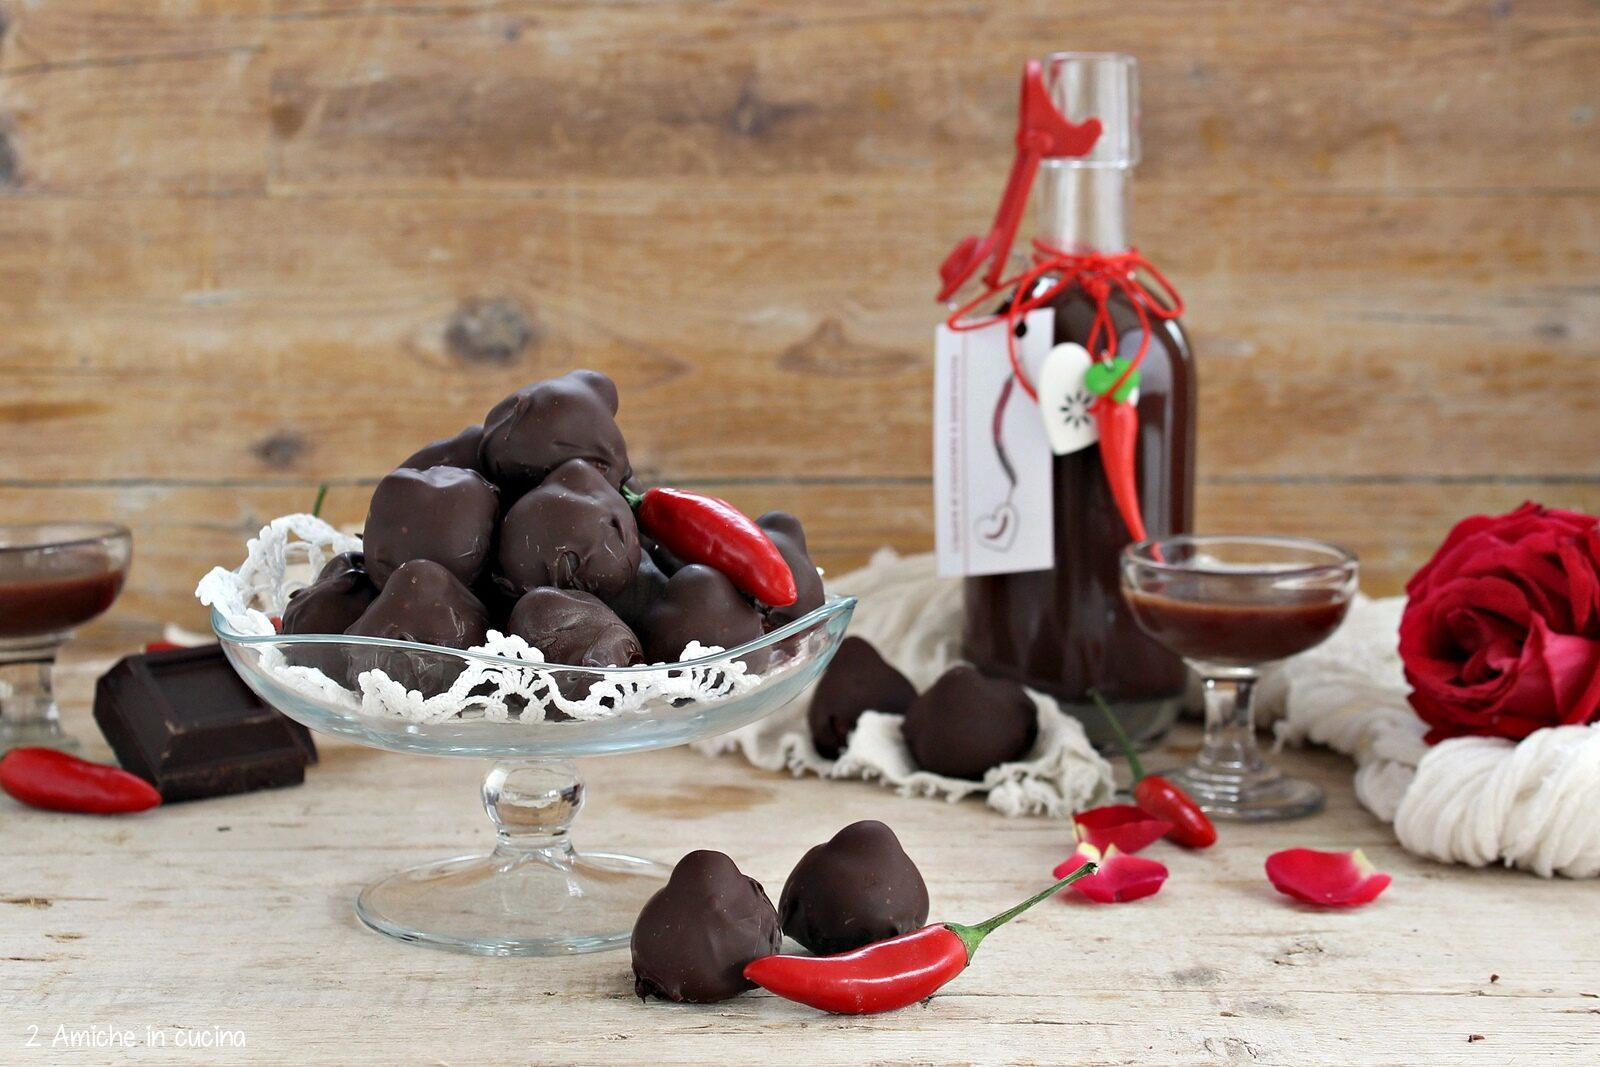 Ricetta dei Baci Perugina fatti in casa con liquopre al cioccolato e peperoncino piccante